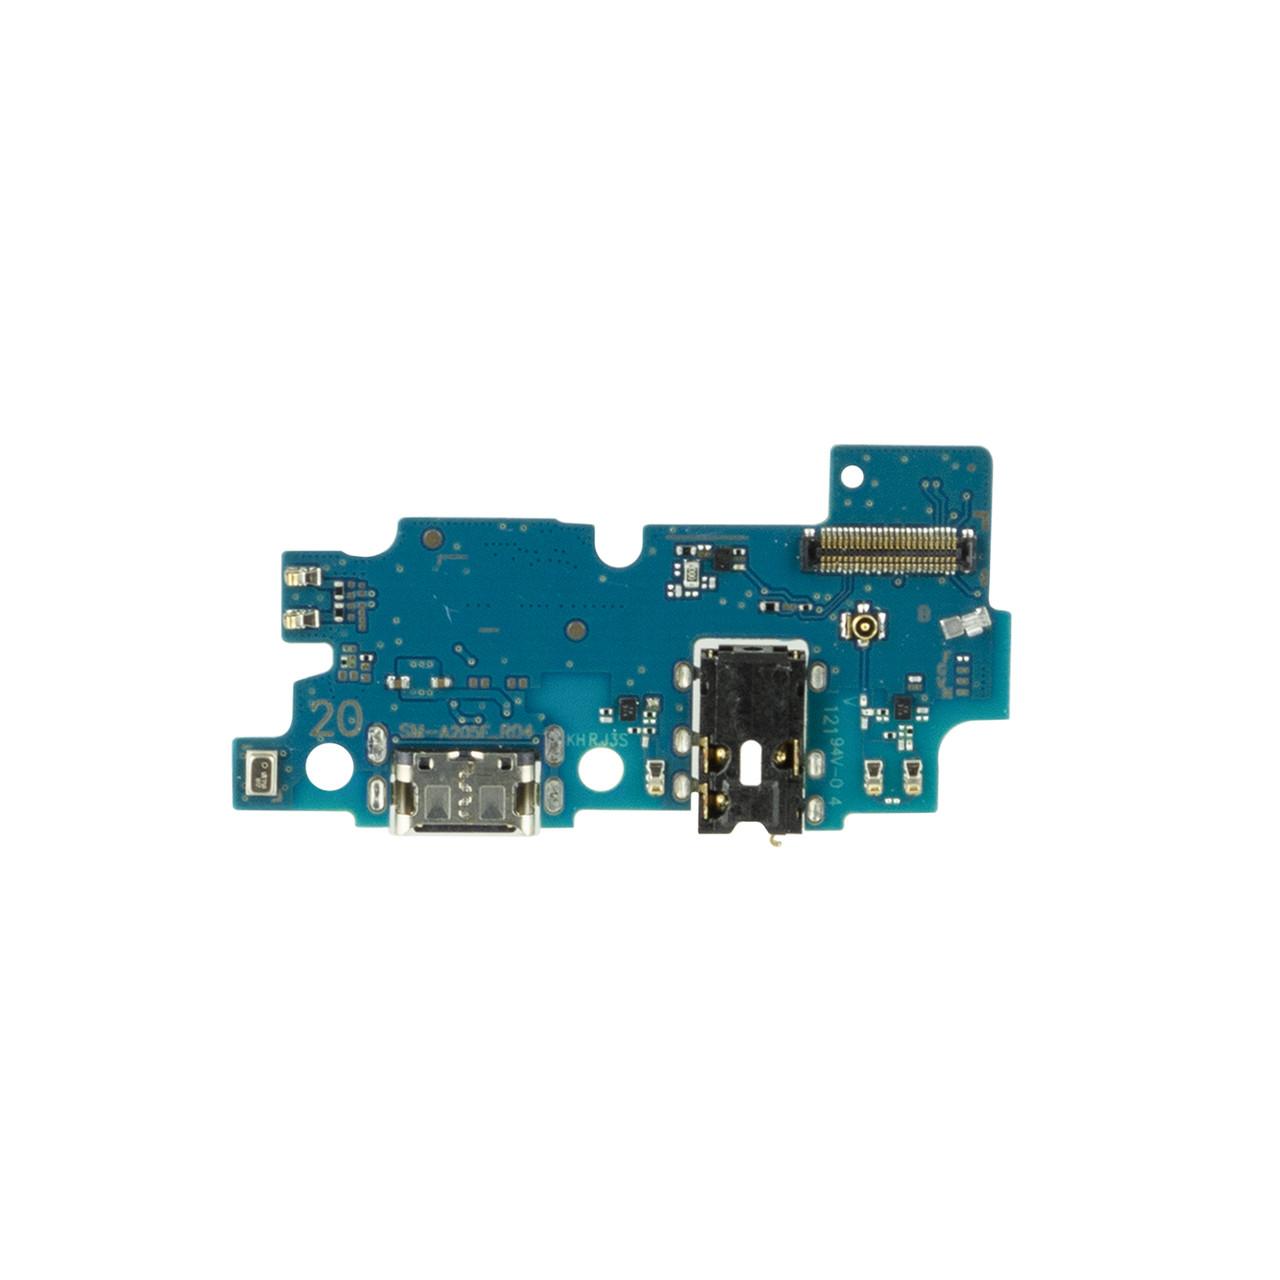 Нижняя плата Samsung Galaxy A20 с коннектором заряда и гарнитуры